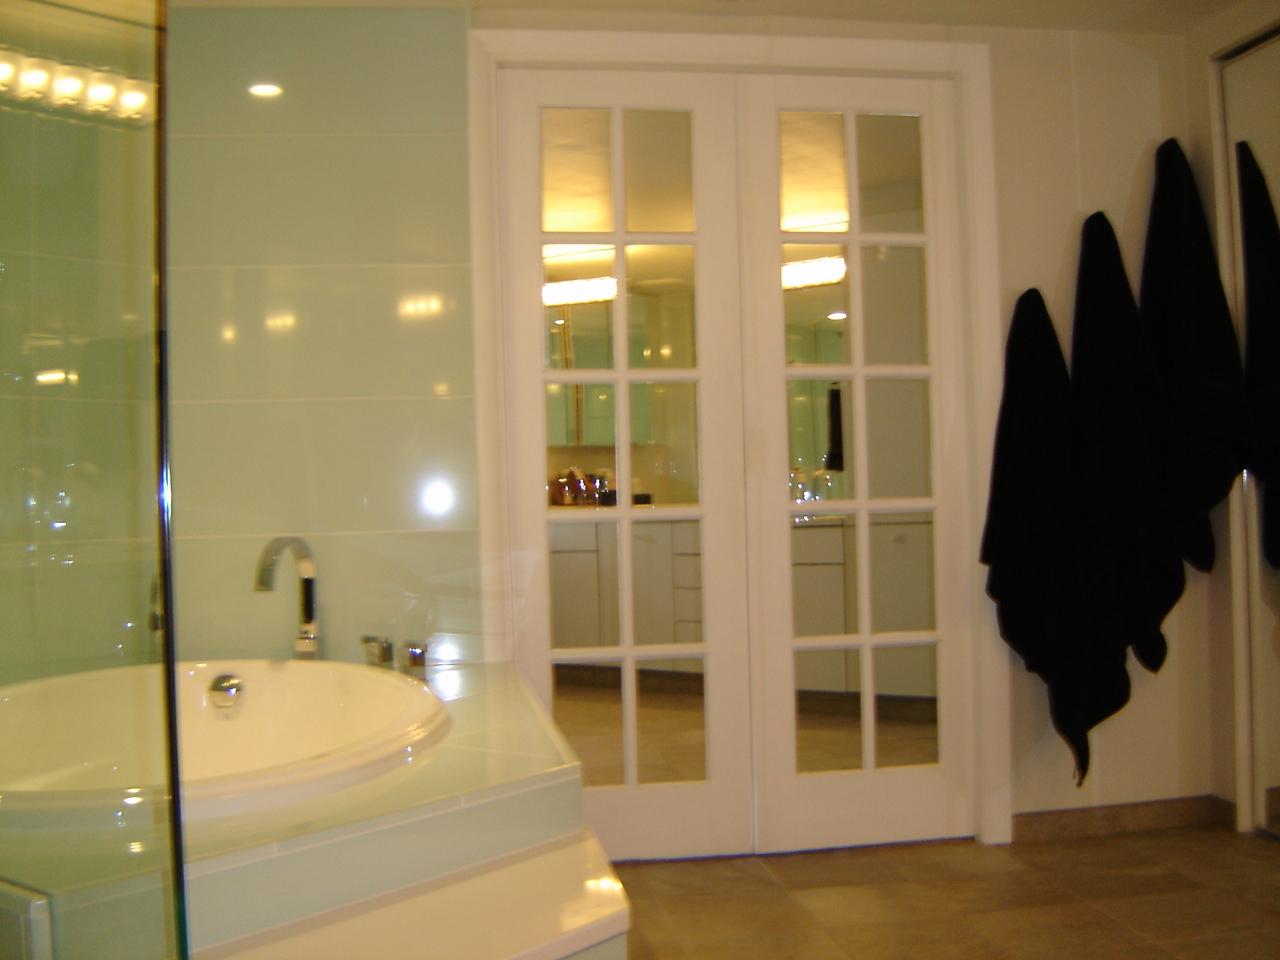 Doors to Master Bedroom